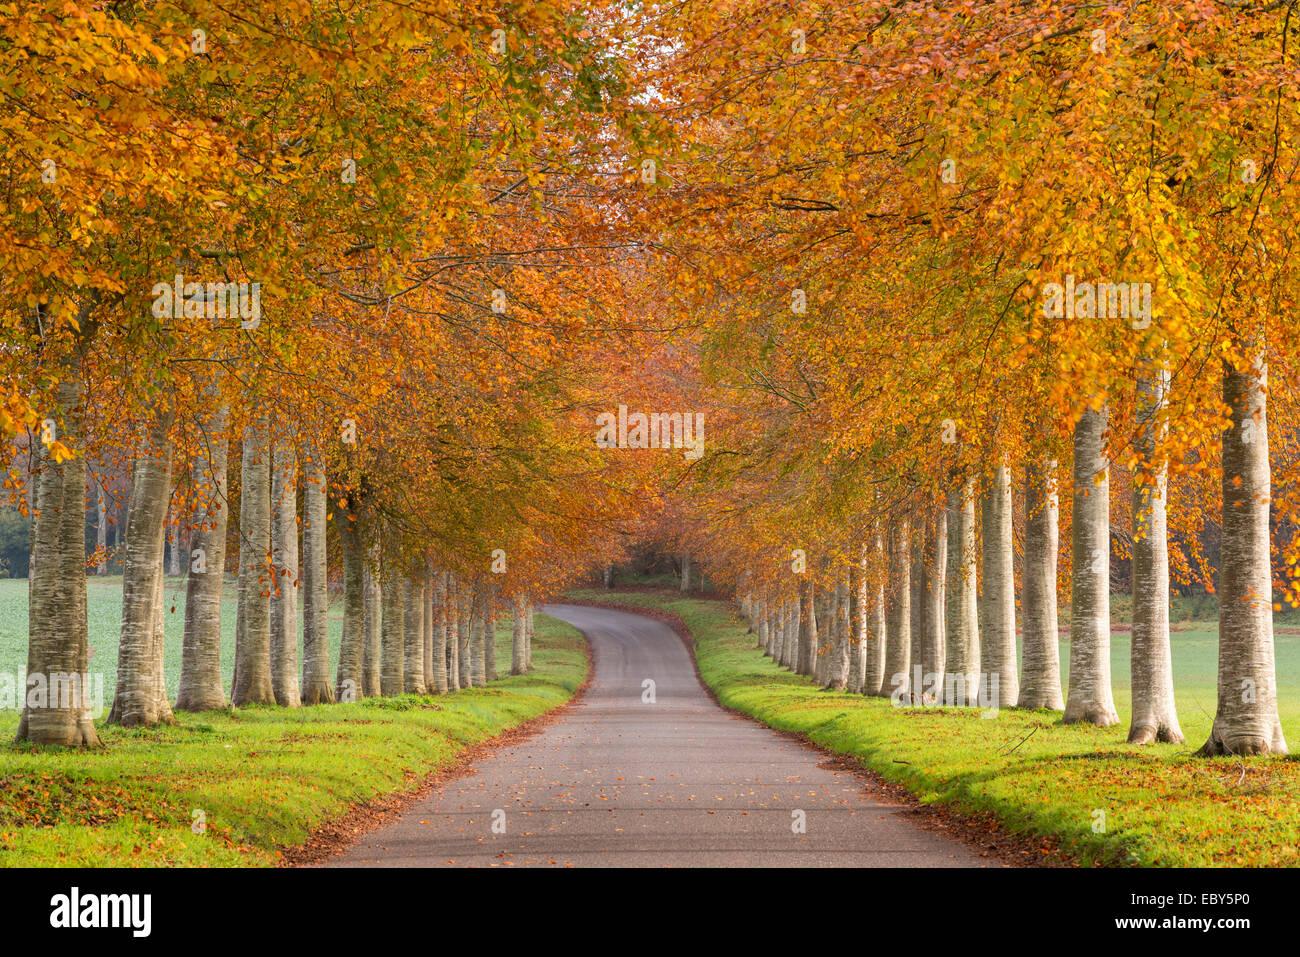 Avenida de coloridos árboles en otoño, Dorset, Inglaterra. De noviembre de 2014. Imagen De Stock